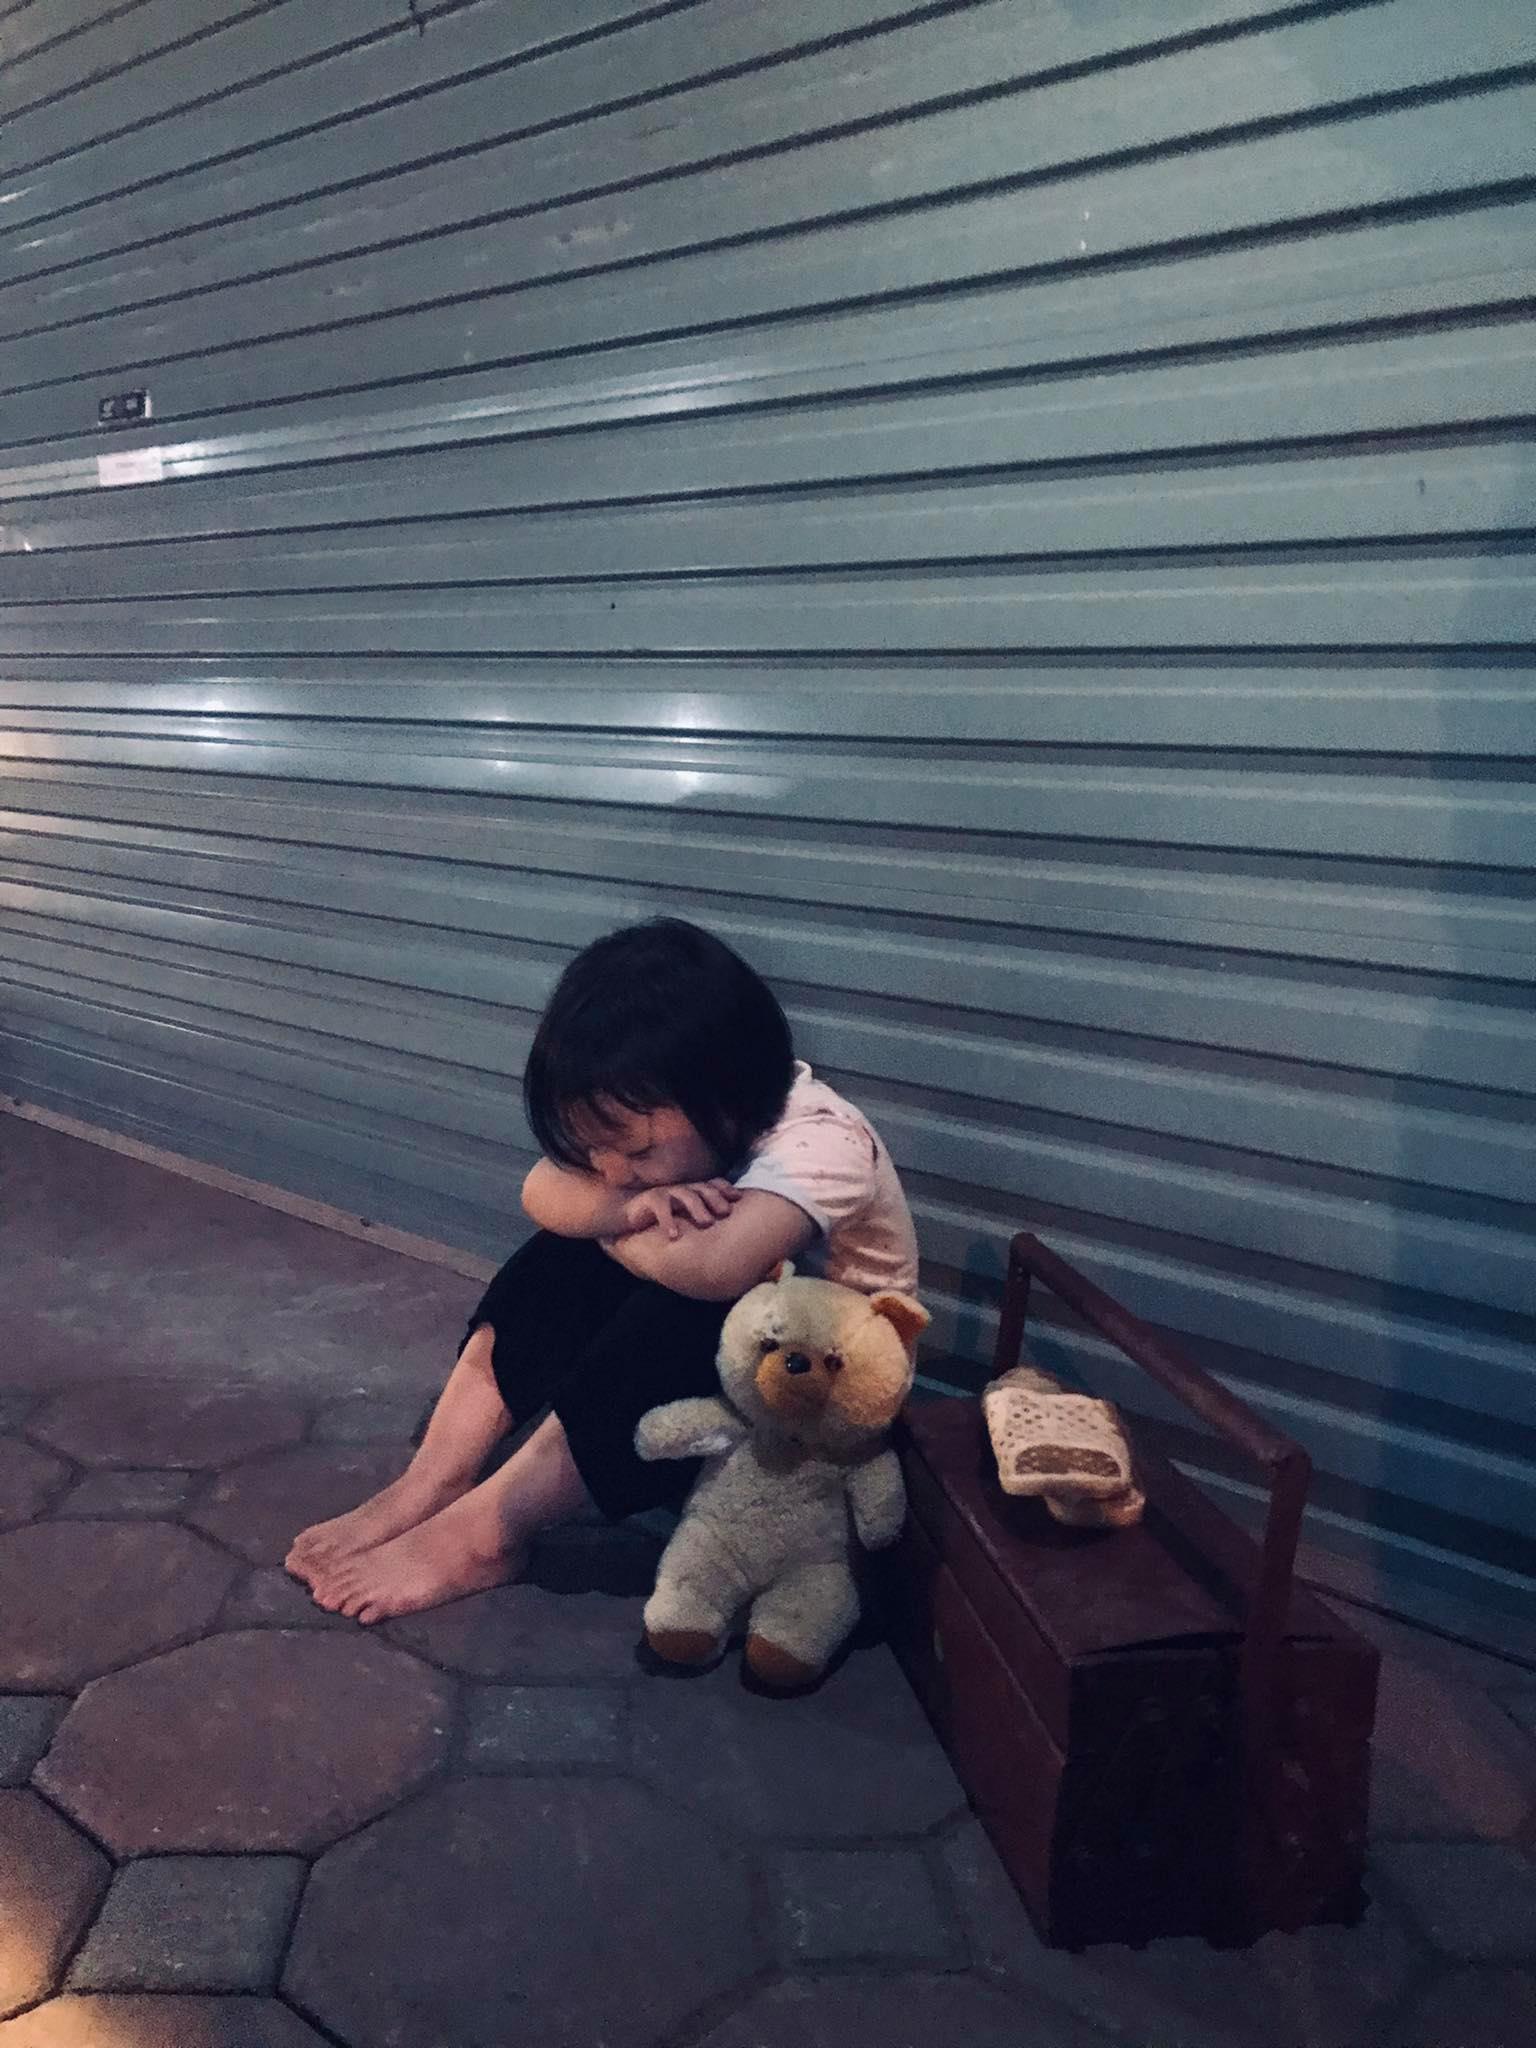 Nâng niu con gái 3 tuổi như ngọc ngà nhưng bà mẹ bất ngờ cho con hóa thân 'cô bé đánh giày'